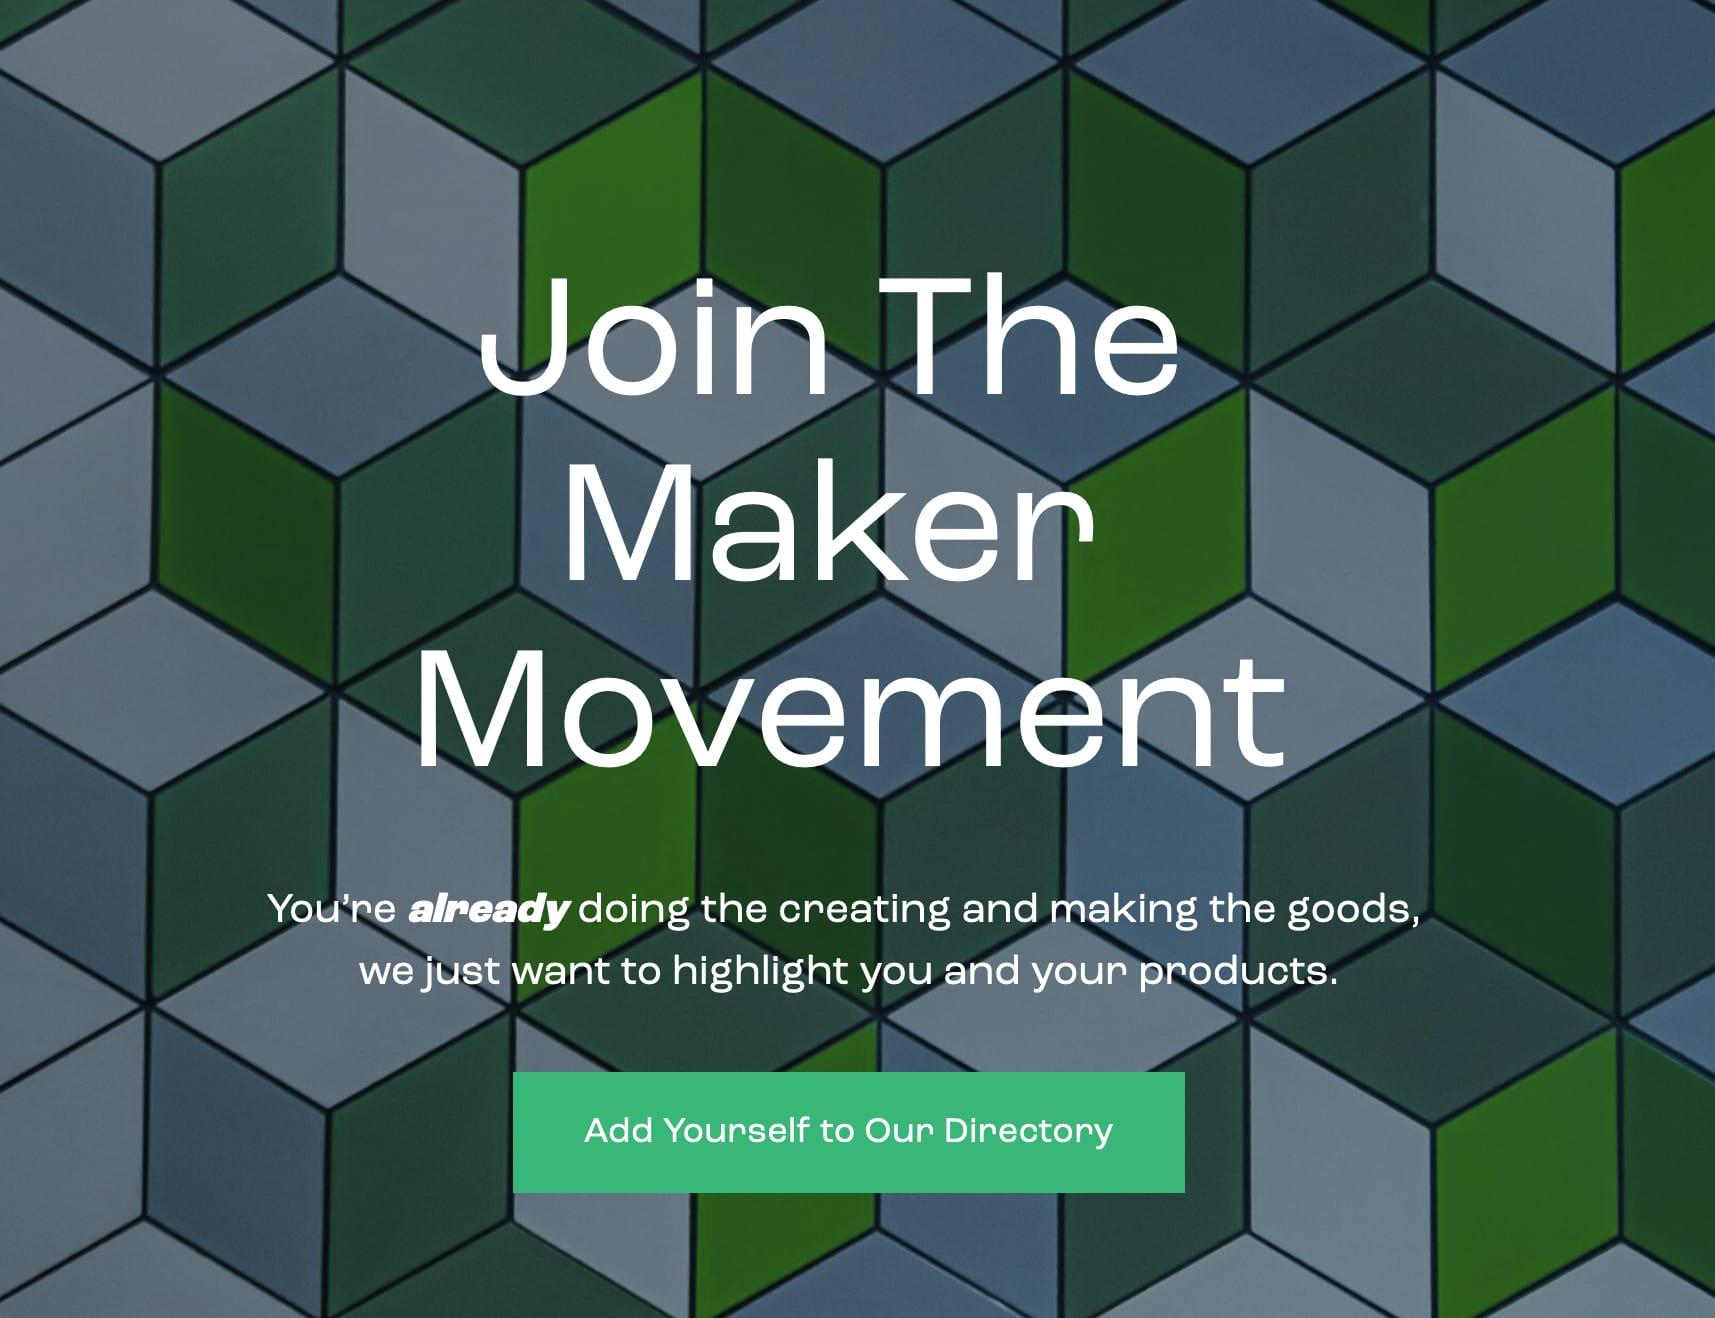 Westside Makerspace is seeking makers